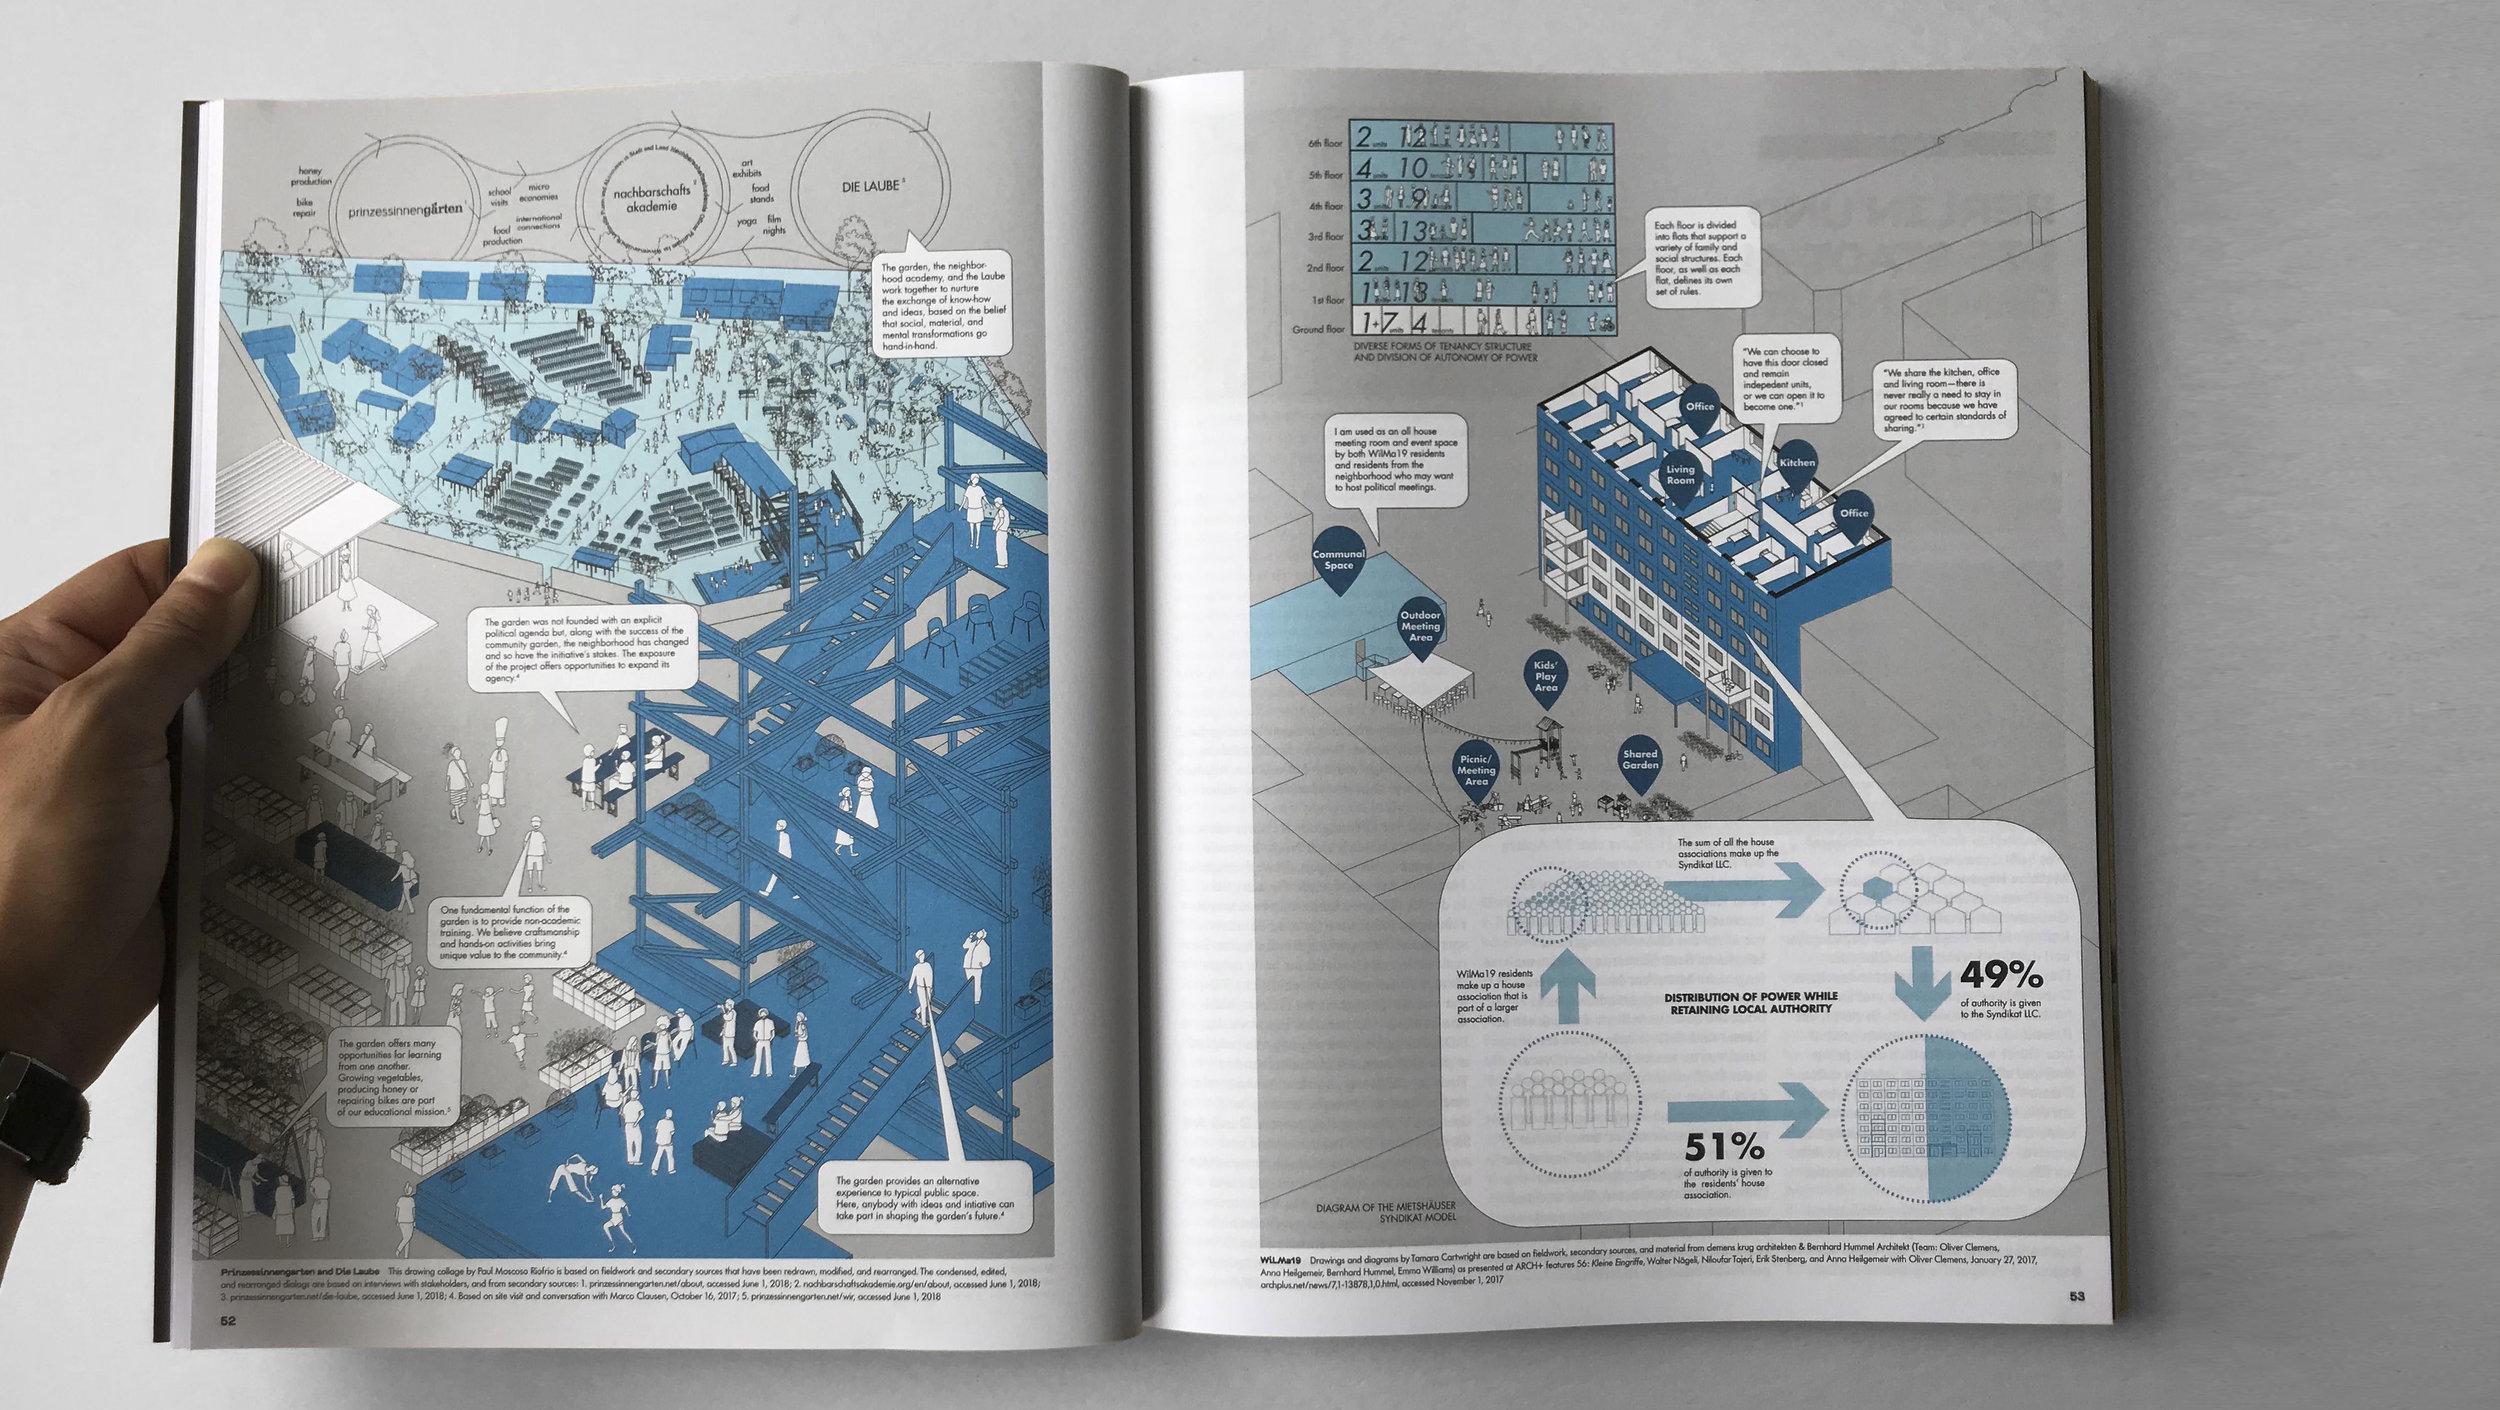 5_MUD_WORK19_An Atlas of Commoning by professor Stefan Gruber.jpg